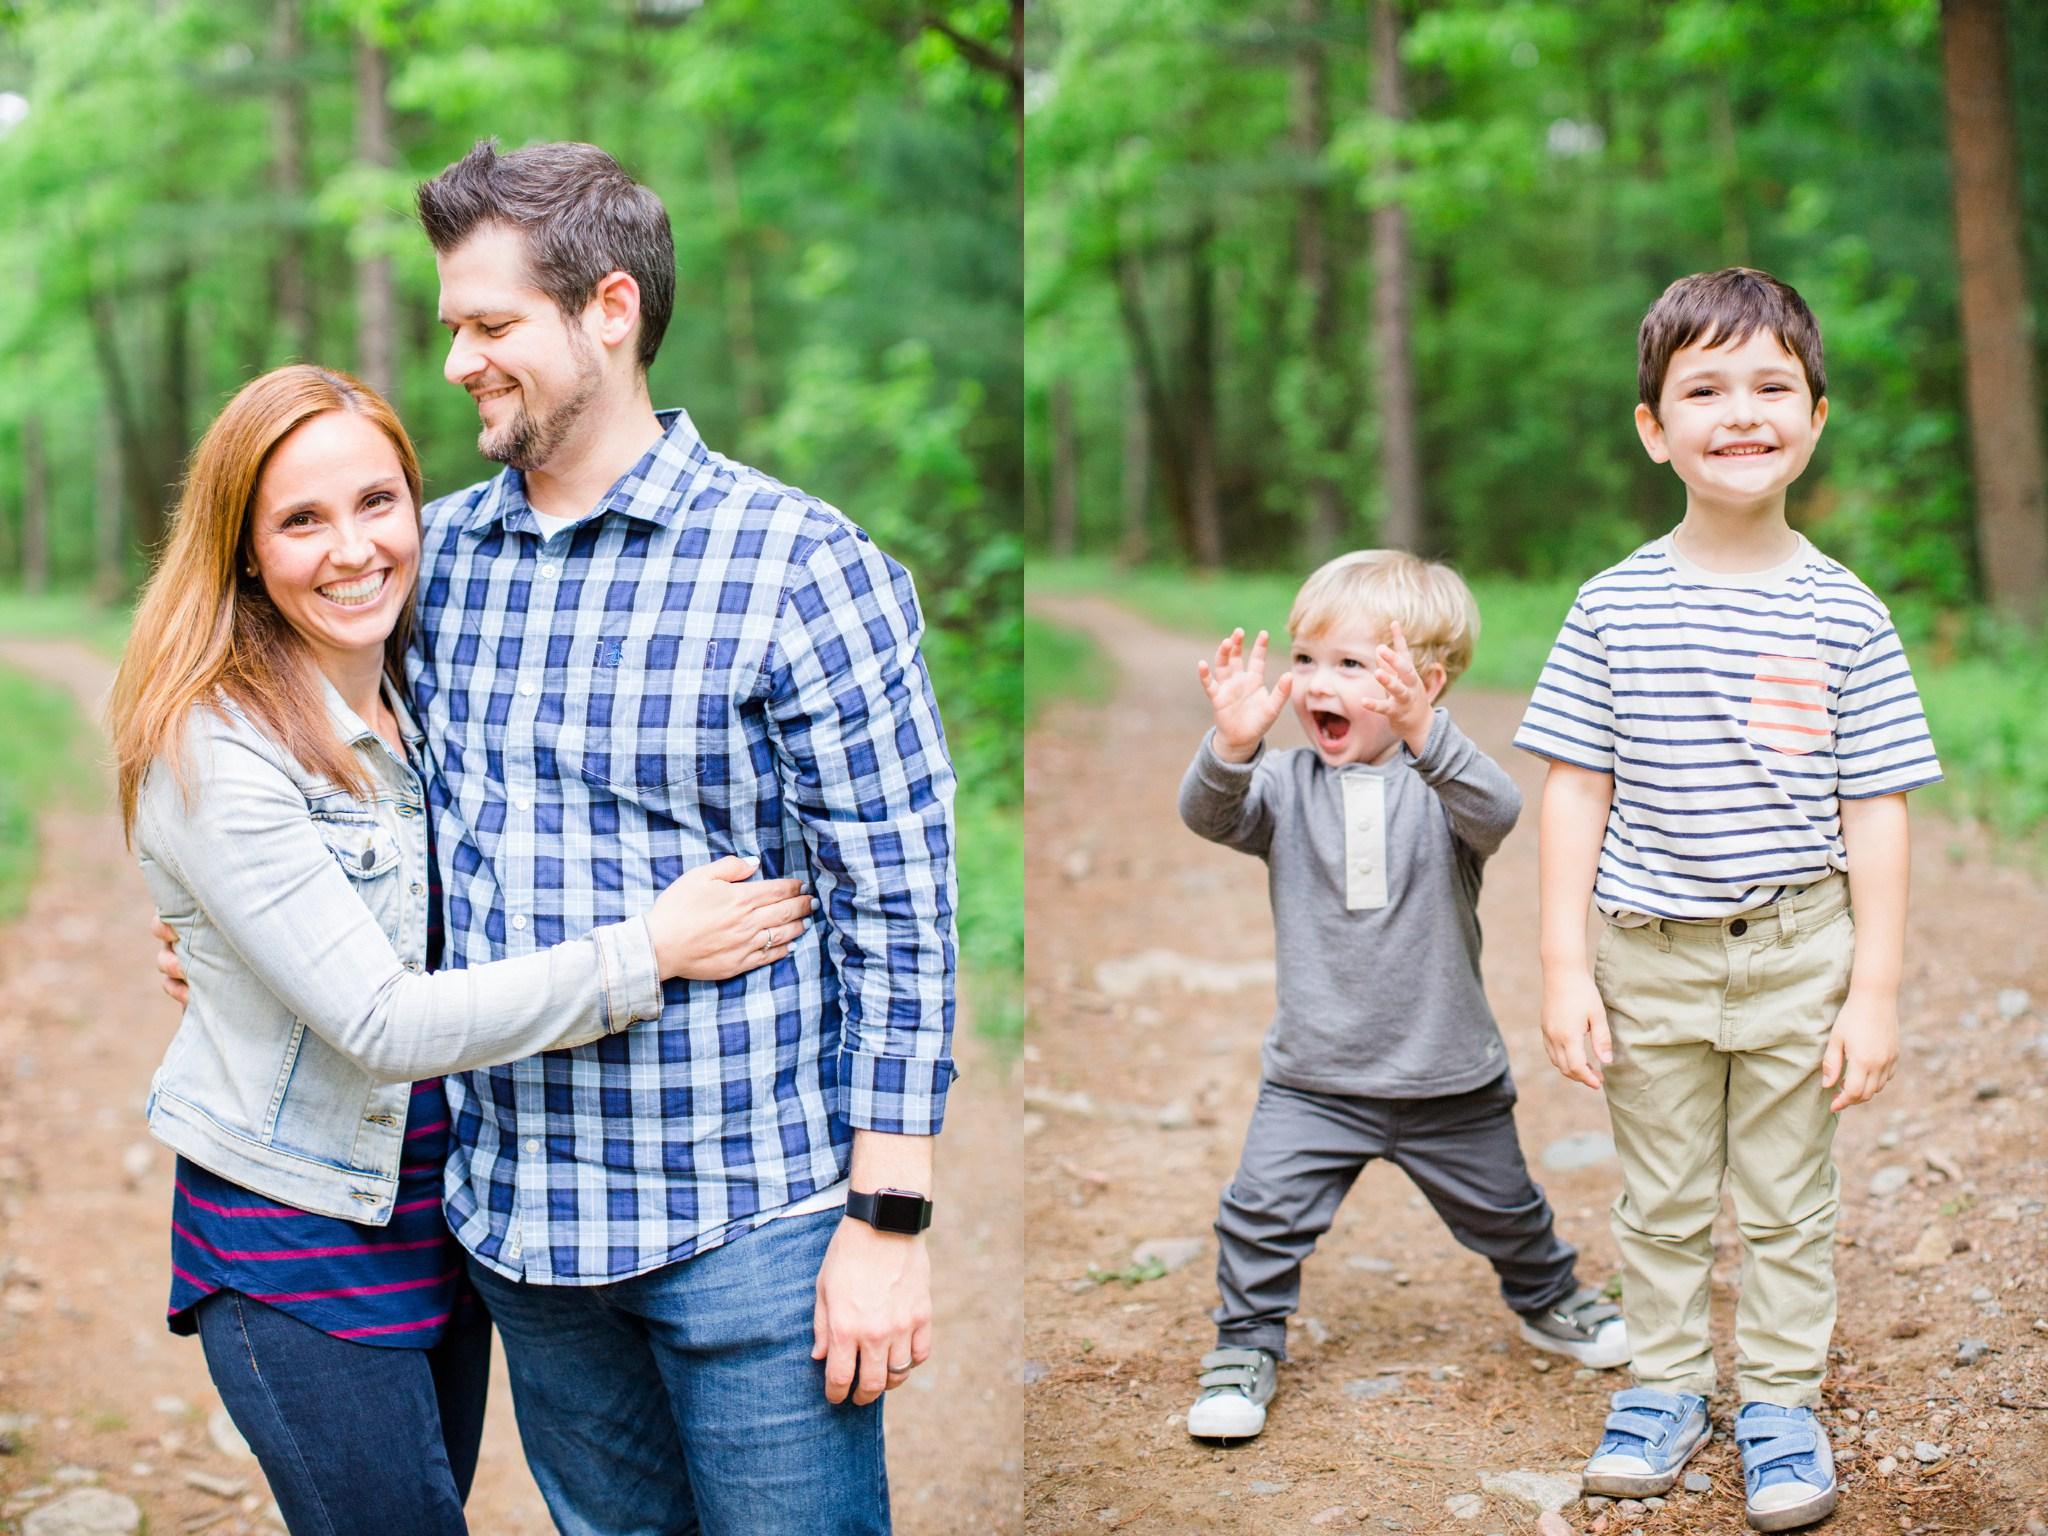 debroah_zoe_photography_family_portraits_boston_00030.JPG